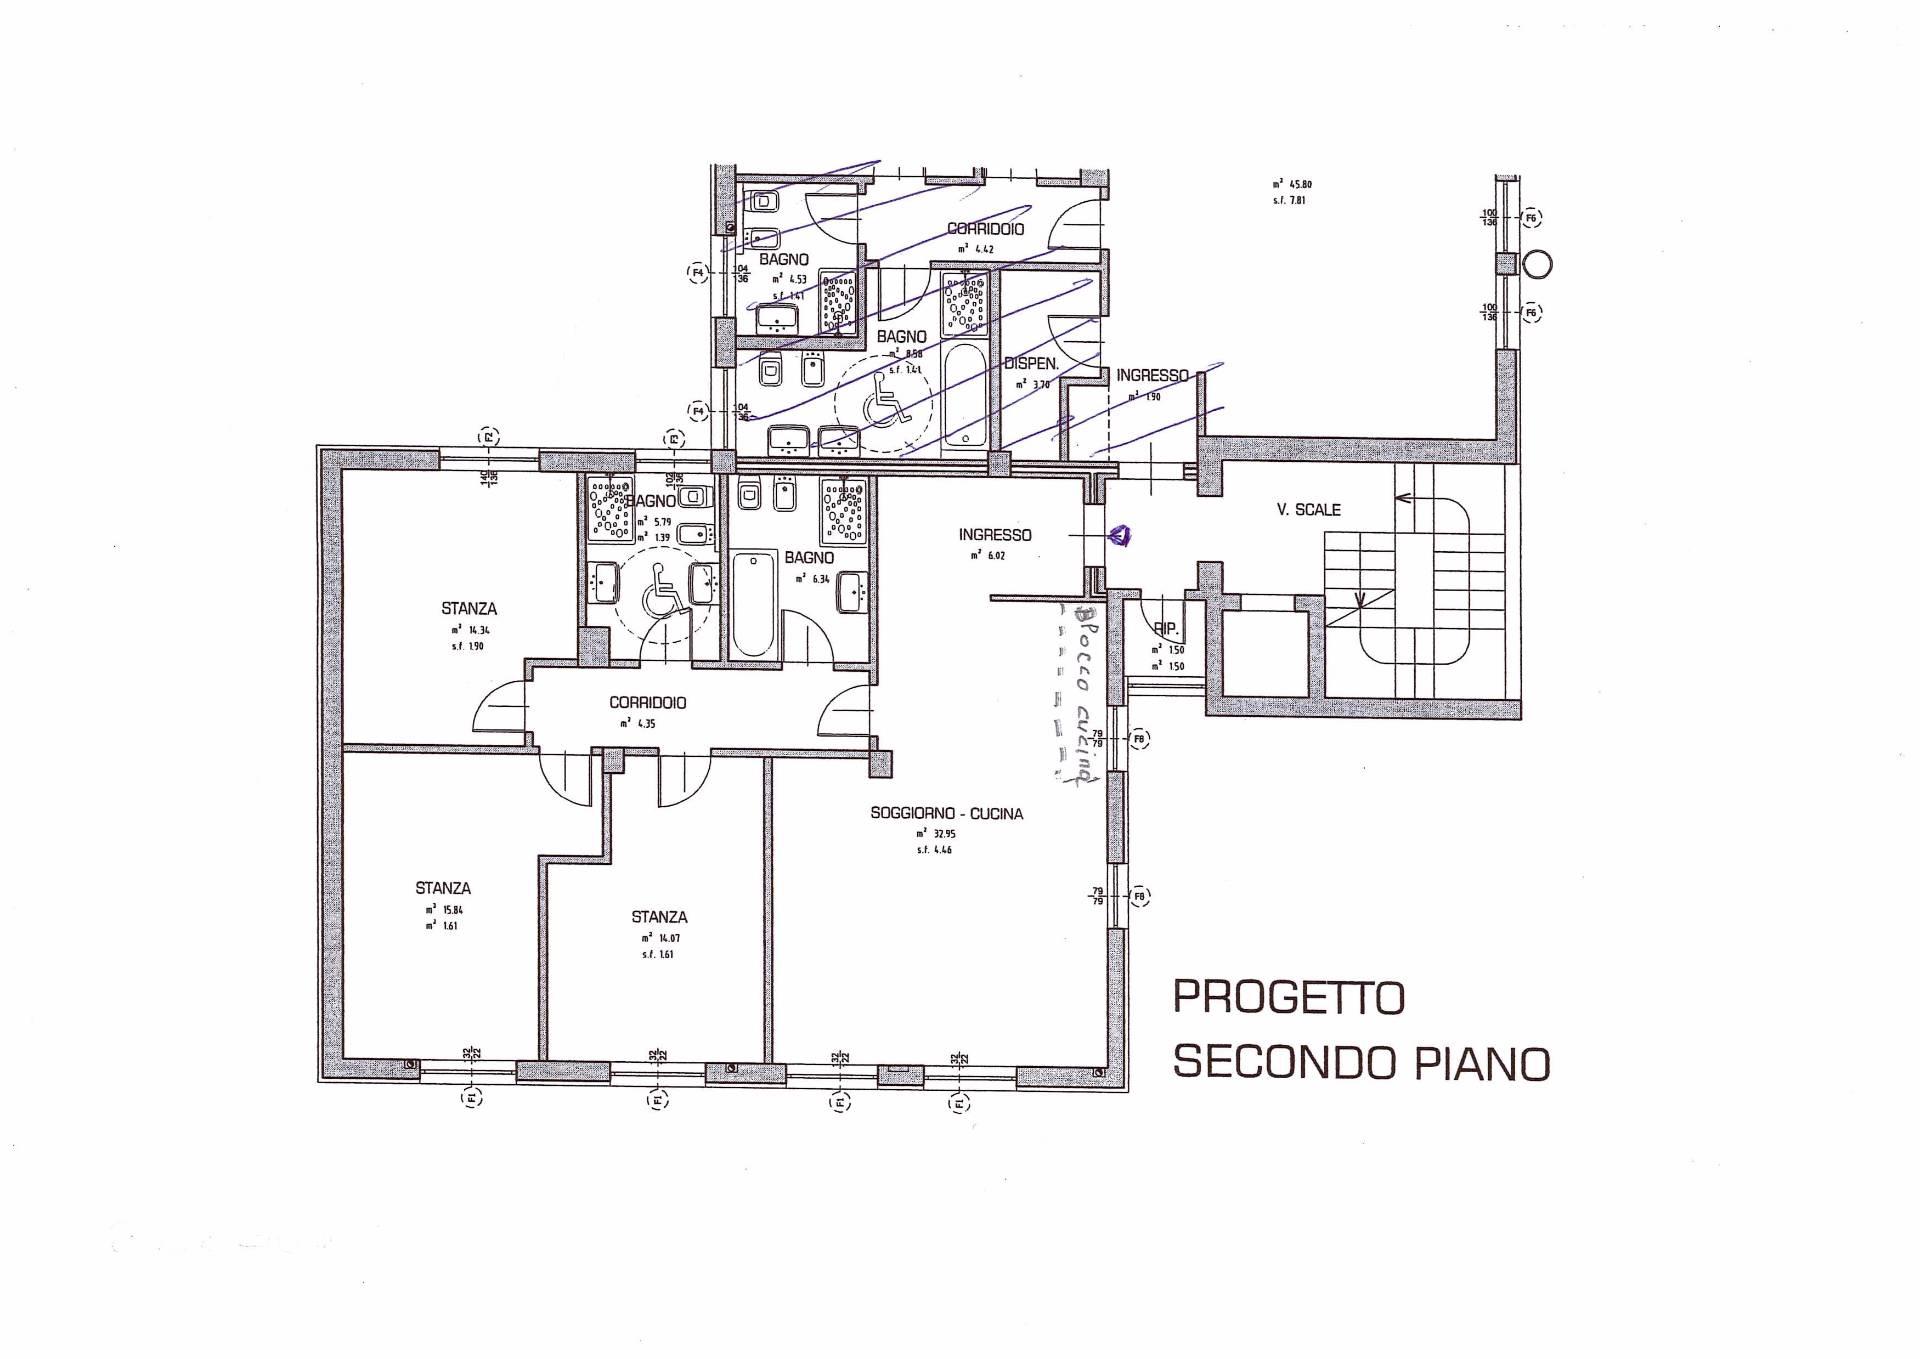 Appartamento in affitto a Bolzano, 4 locali, zona Zona: Residenziale, prezzo € 1.200 | Cambio Casa.it